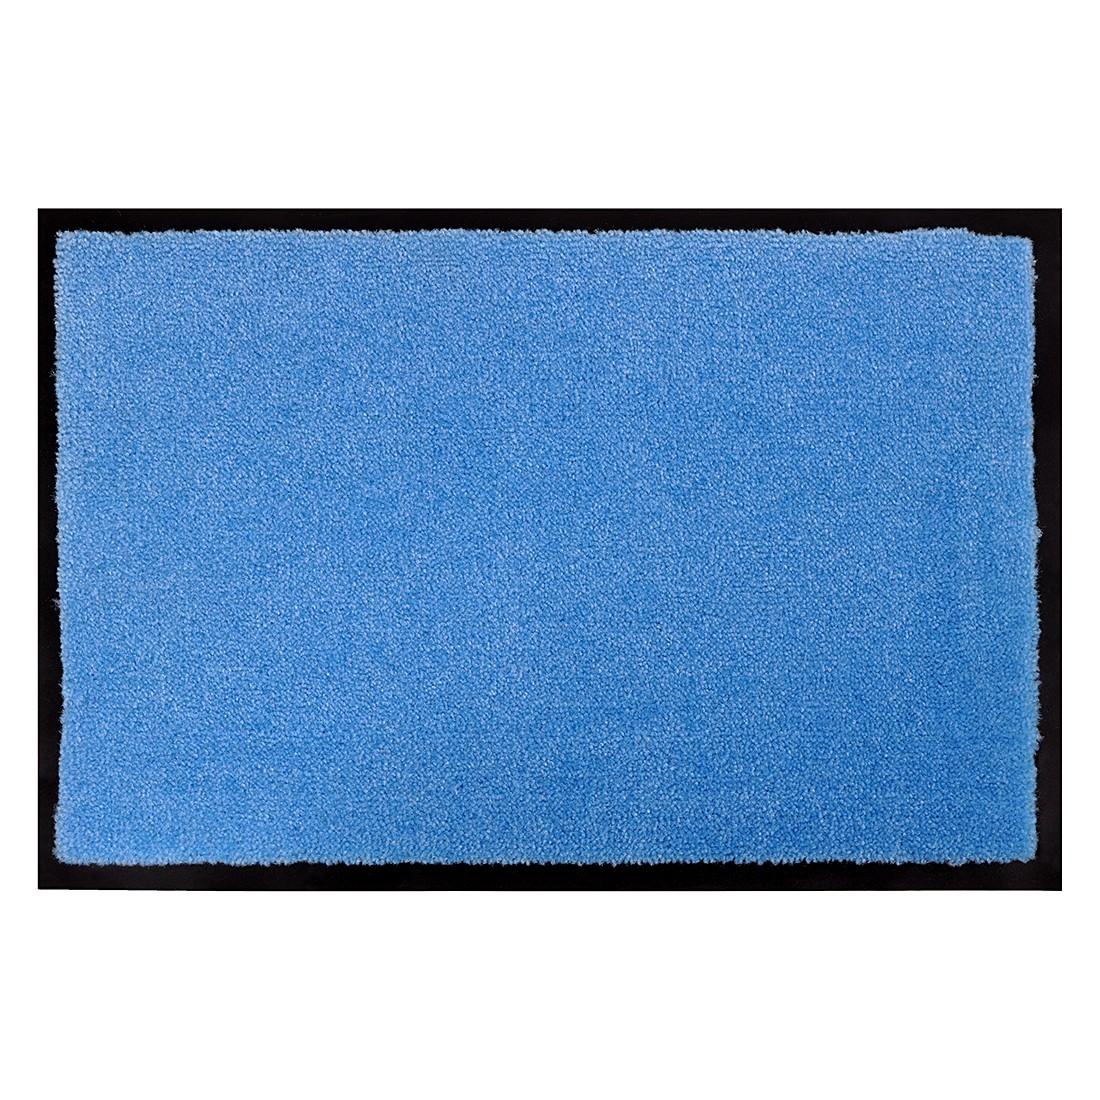 Fuß- & Sauberlaufmatte Rainbow – Blau – 60 x 80 cm, Hanse Home Collection günstig